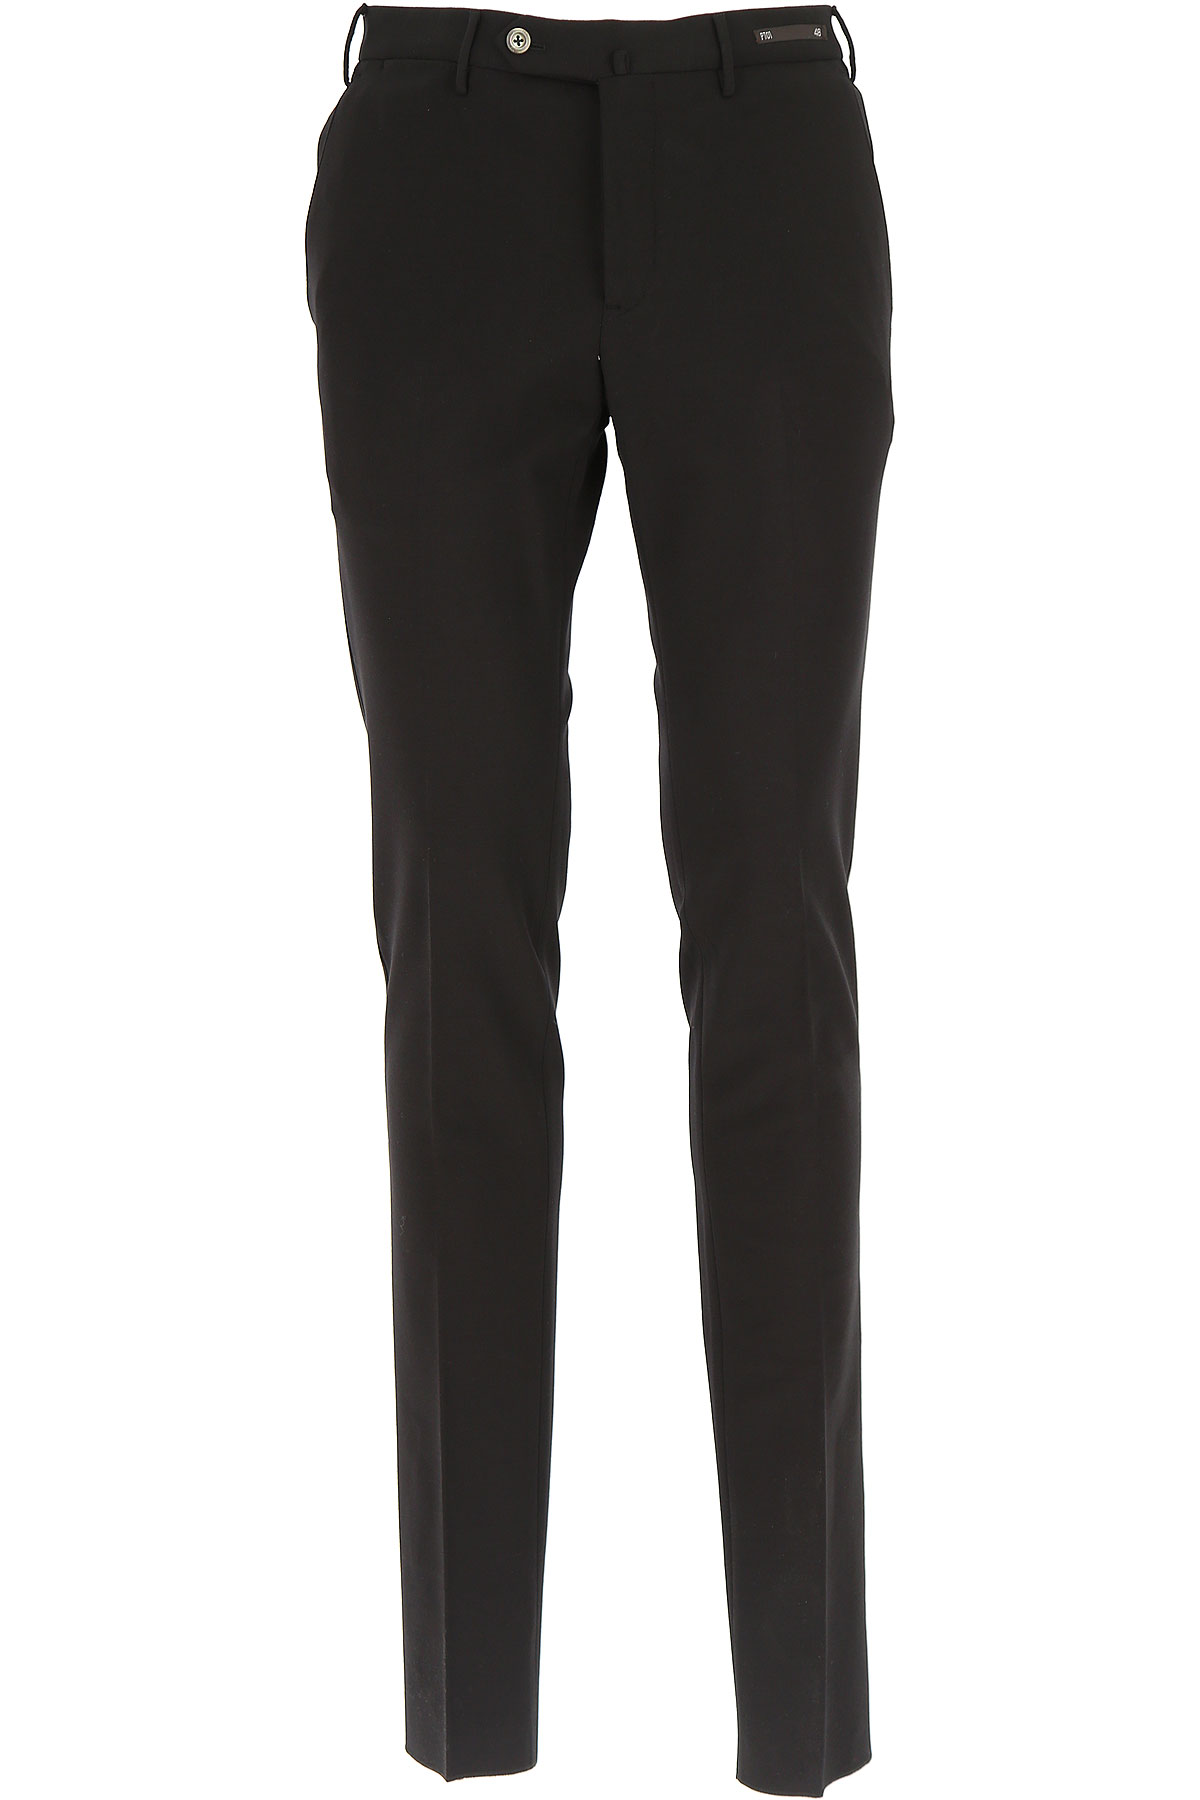 Image of PT01 Pants for Men, Black, Viscose, 2017, 28 30 32 34 36